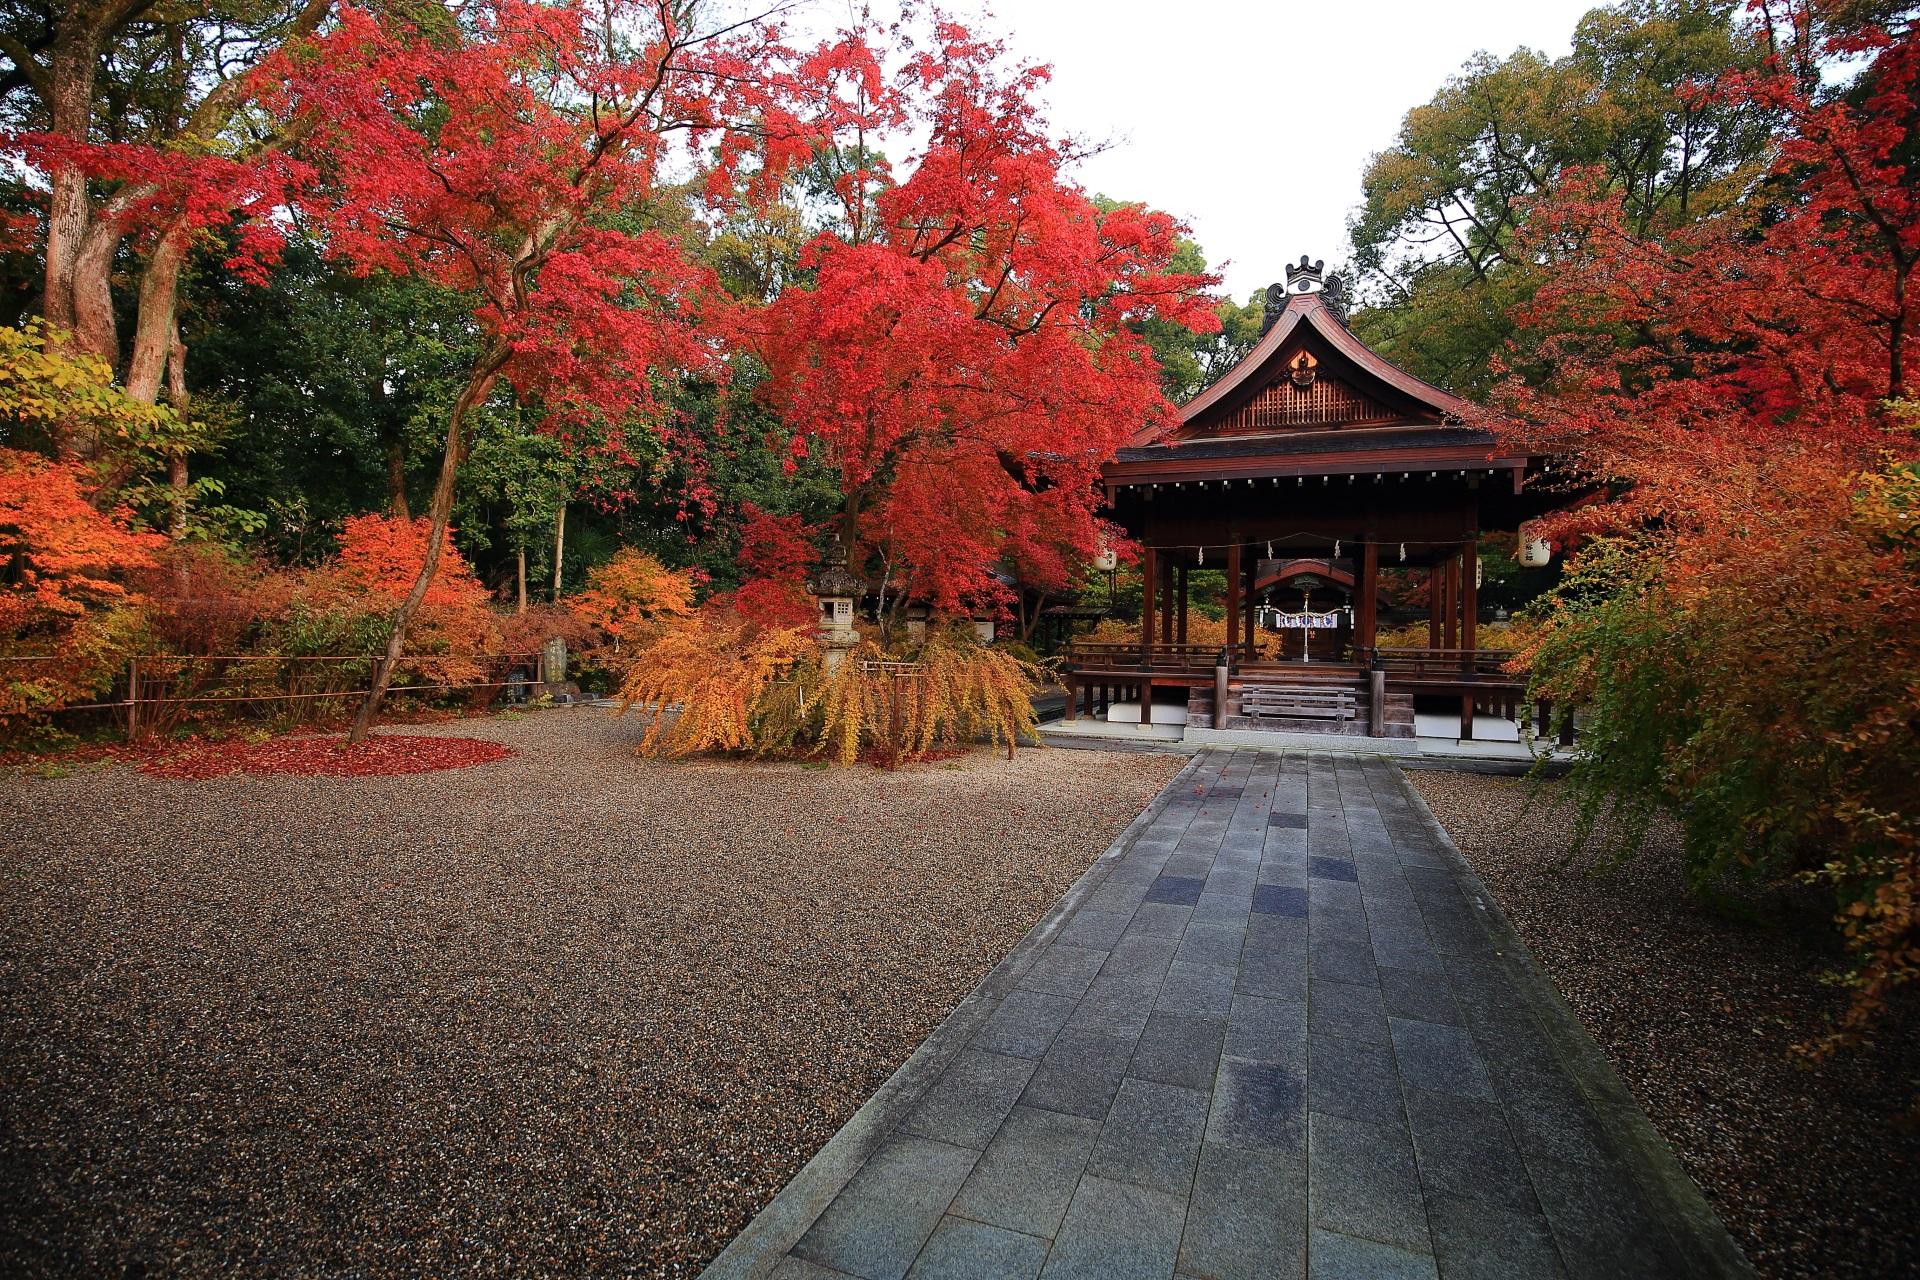 梨木神社の拝殿周辺のもみじや萩の紅葉